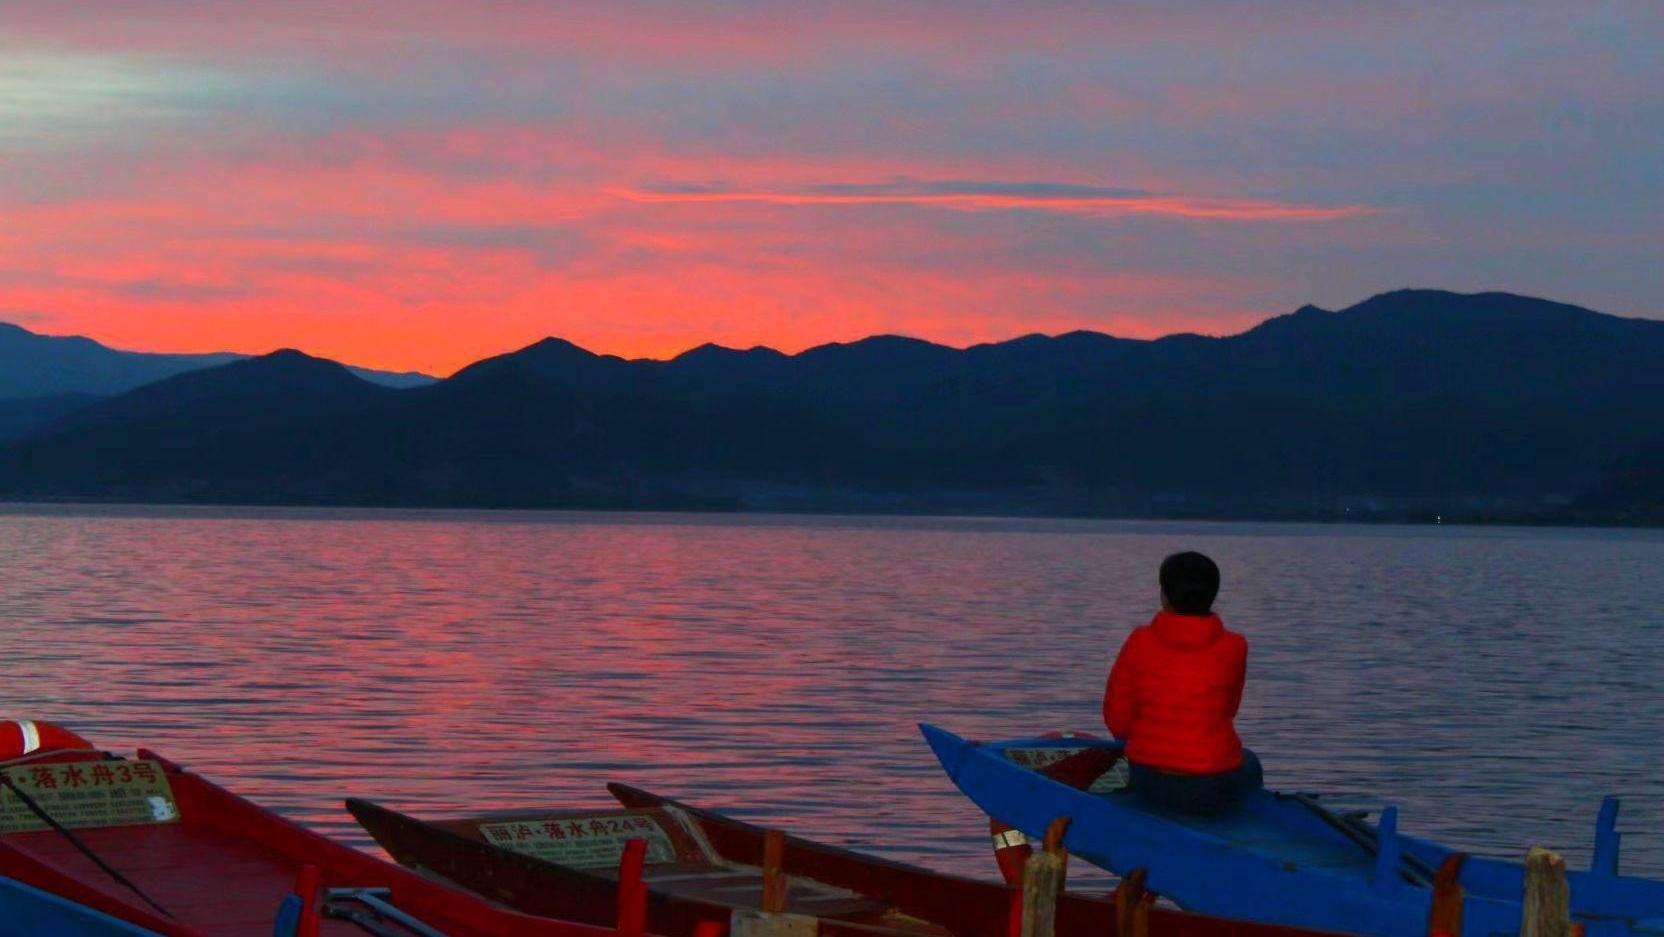 落日余晖,湖光山色,最美不过泸沽湖的夕阳红。